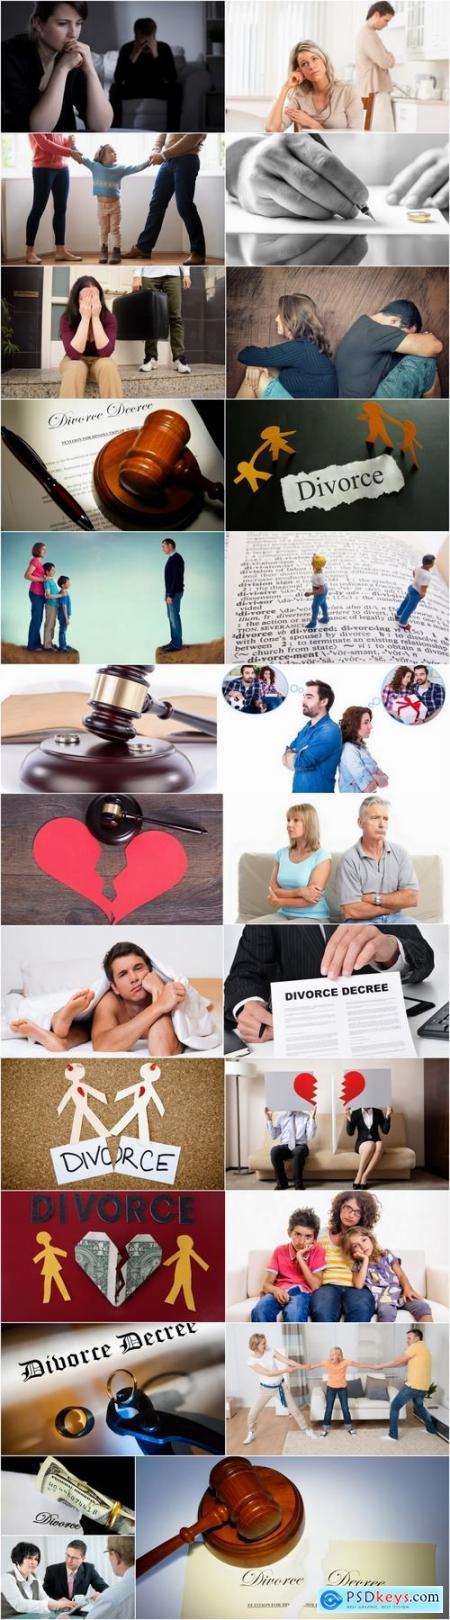 Divorce frustration woman man quarrel 25 HQ Jpeg